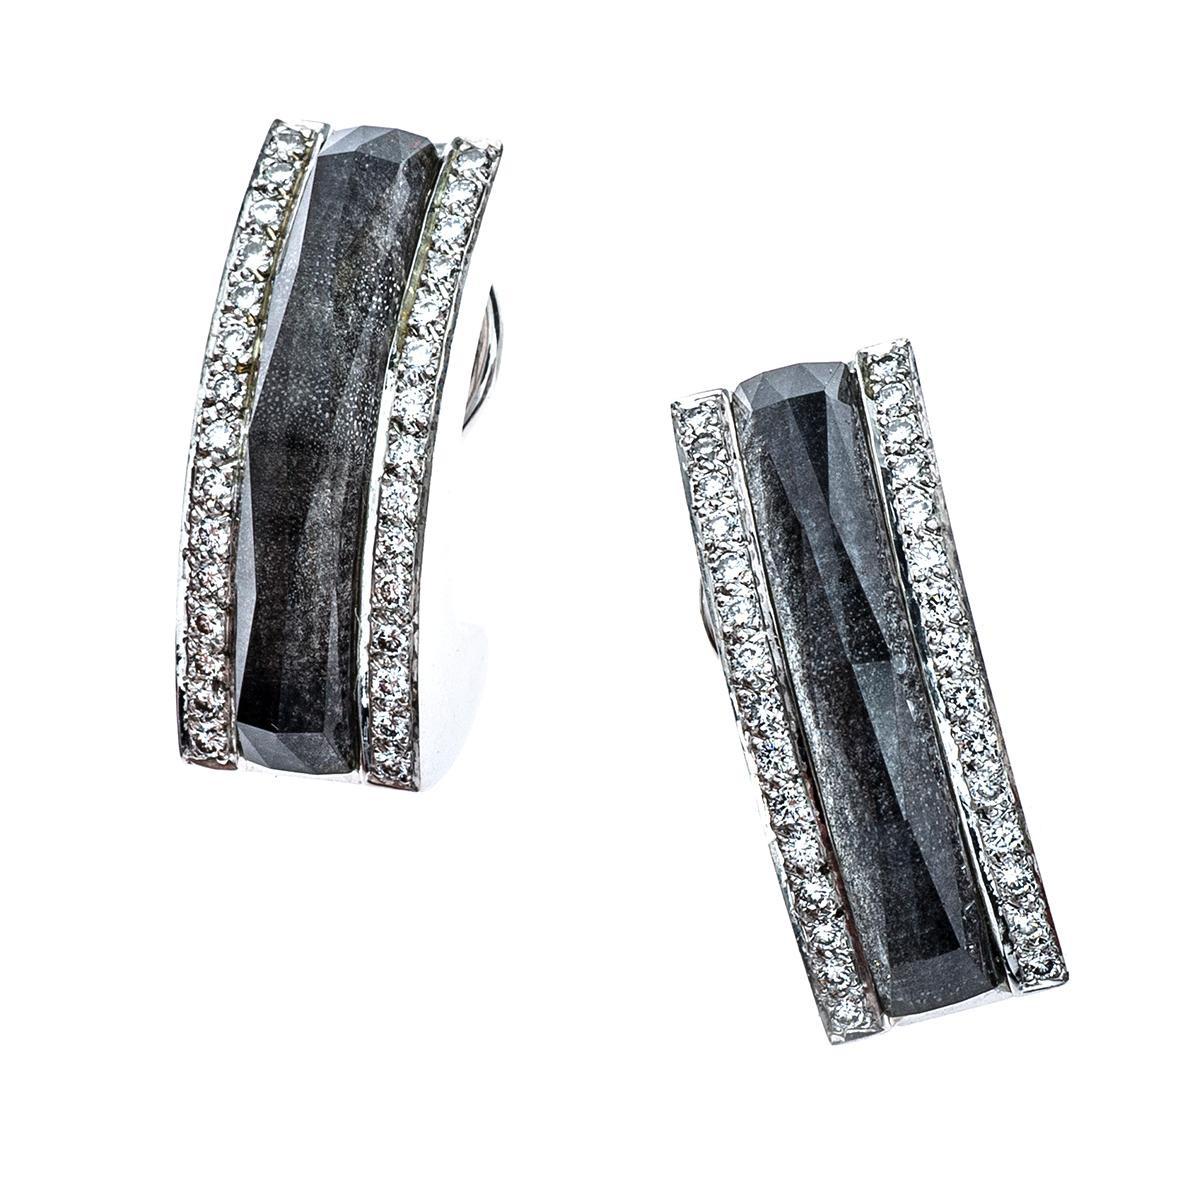 Vintage 0.40 CTW Diamond & Rock Crystal Stephen Webster Earrings